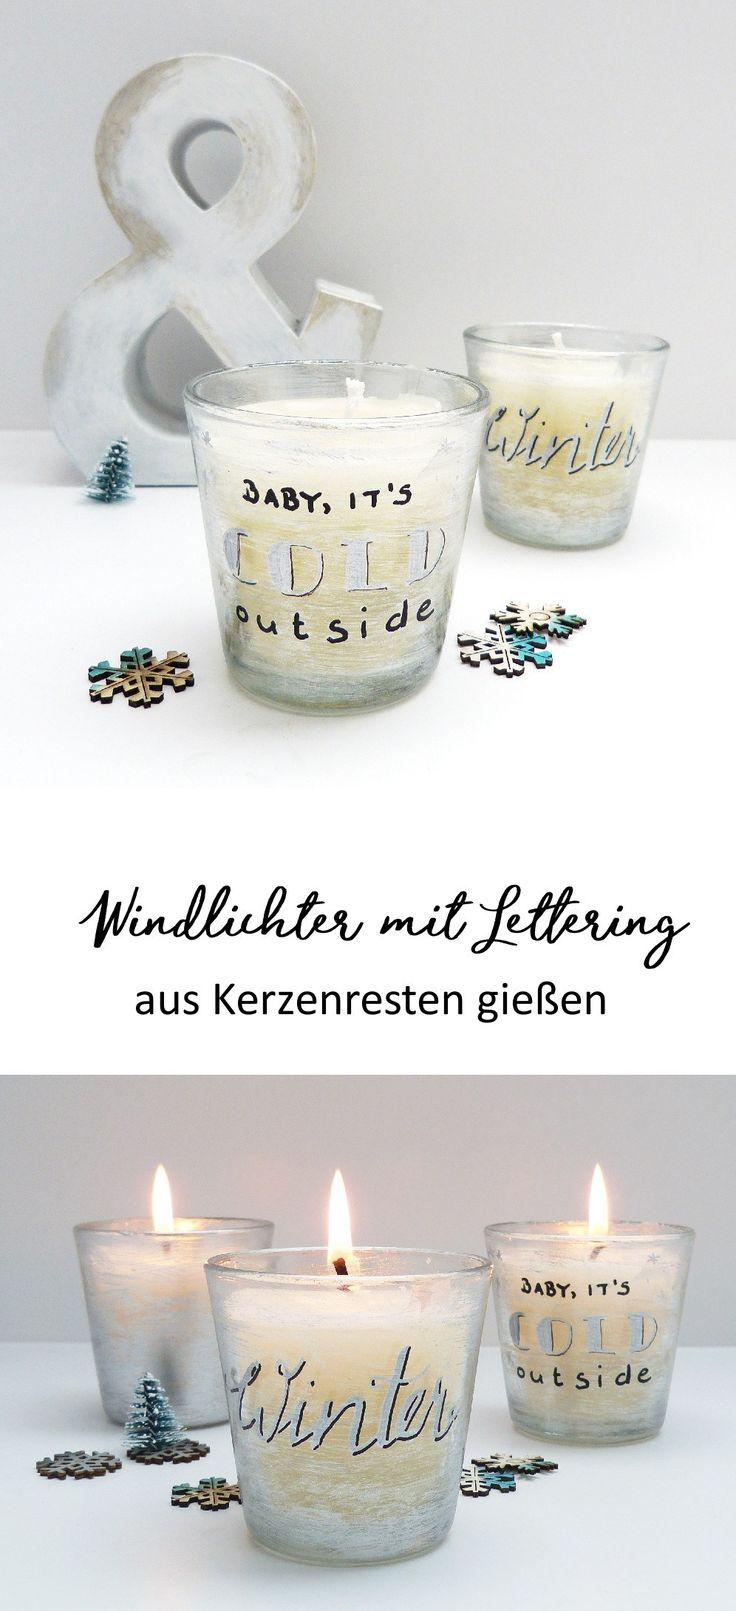 DIY Windlichter mit Handlettering. Kerzen selber machen und Wachsreste einfach wieder verwenden.  #kerzen #handlettering